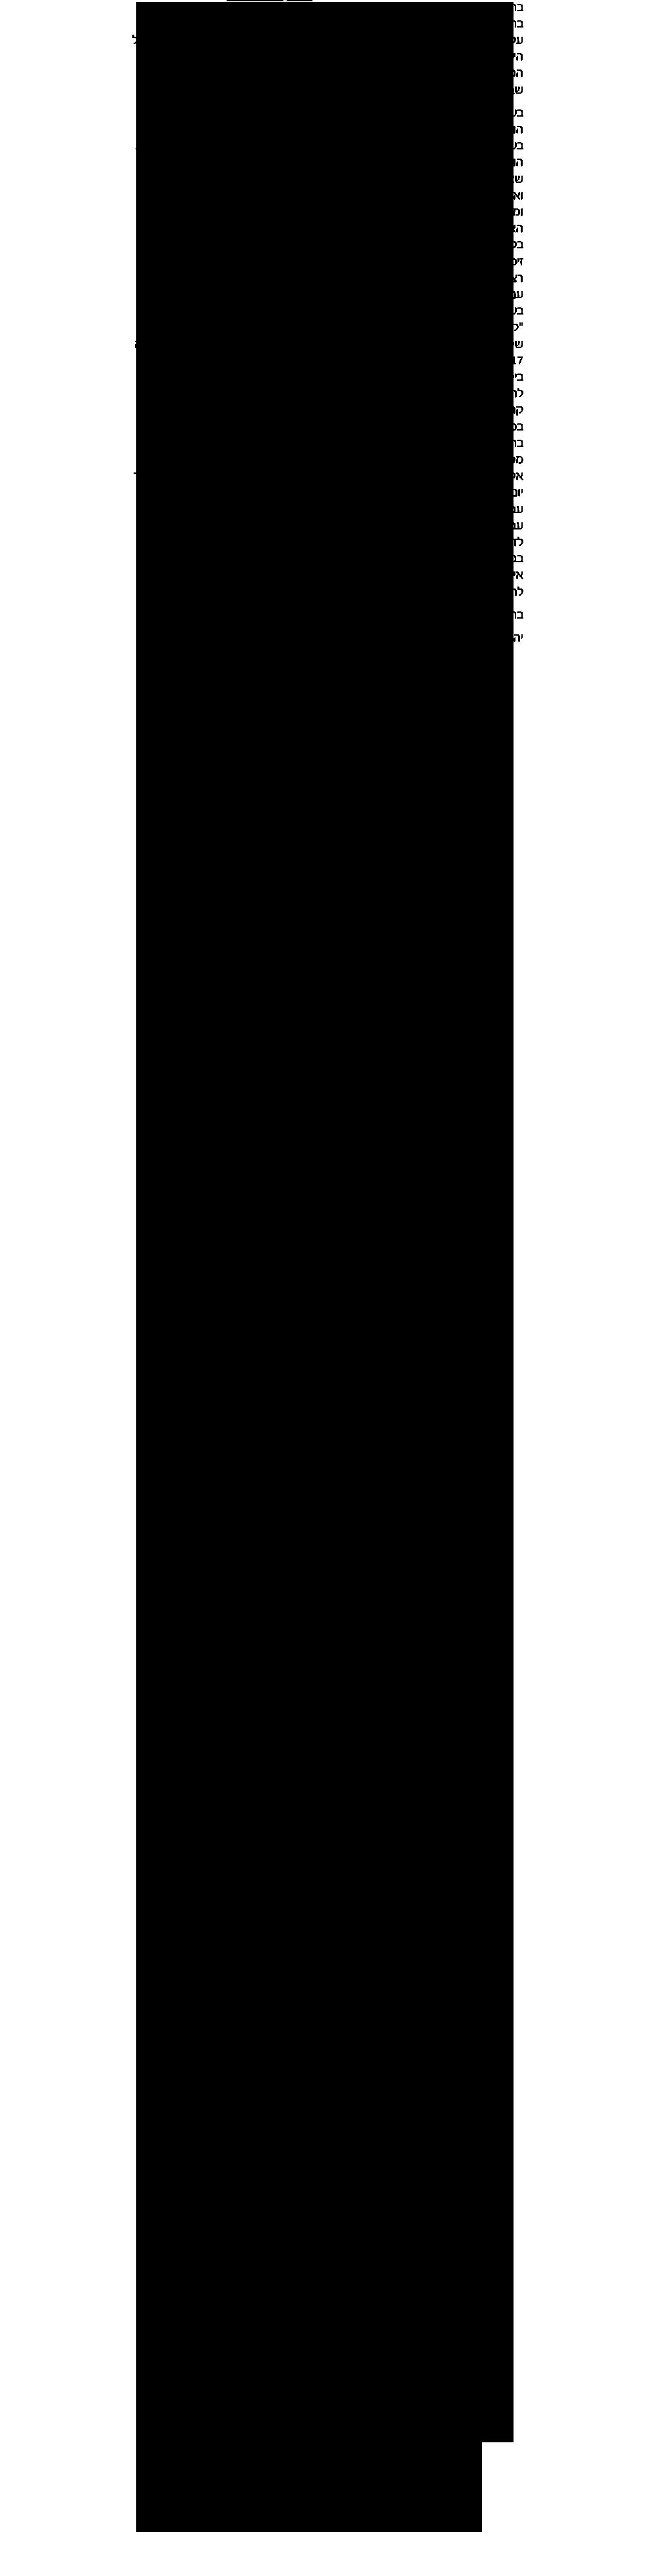 טקסט על בת שבע זגרצמן